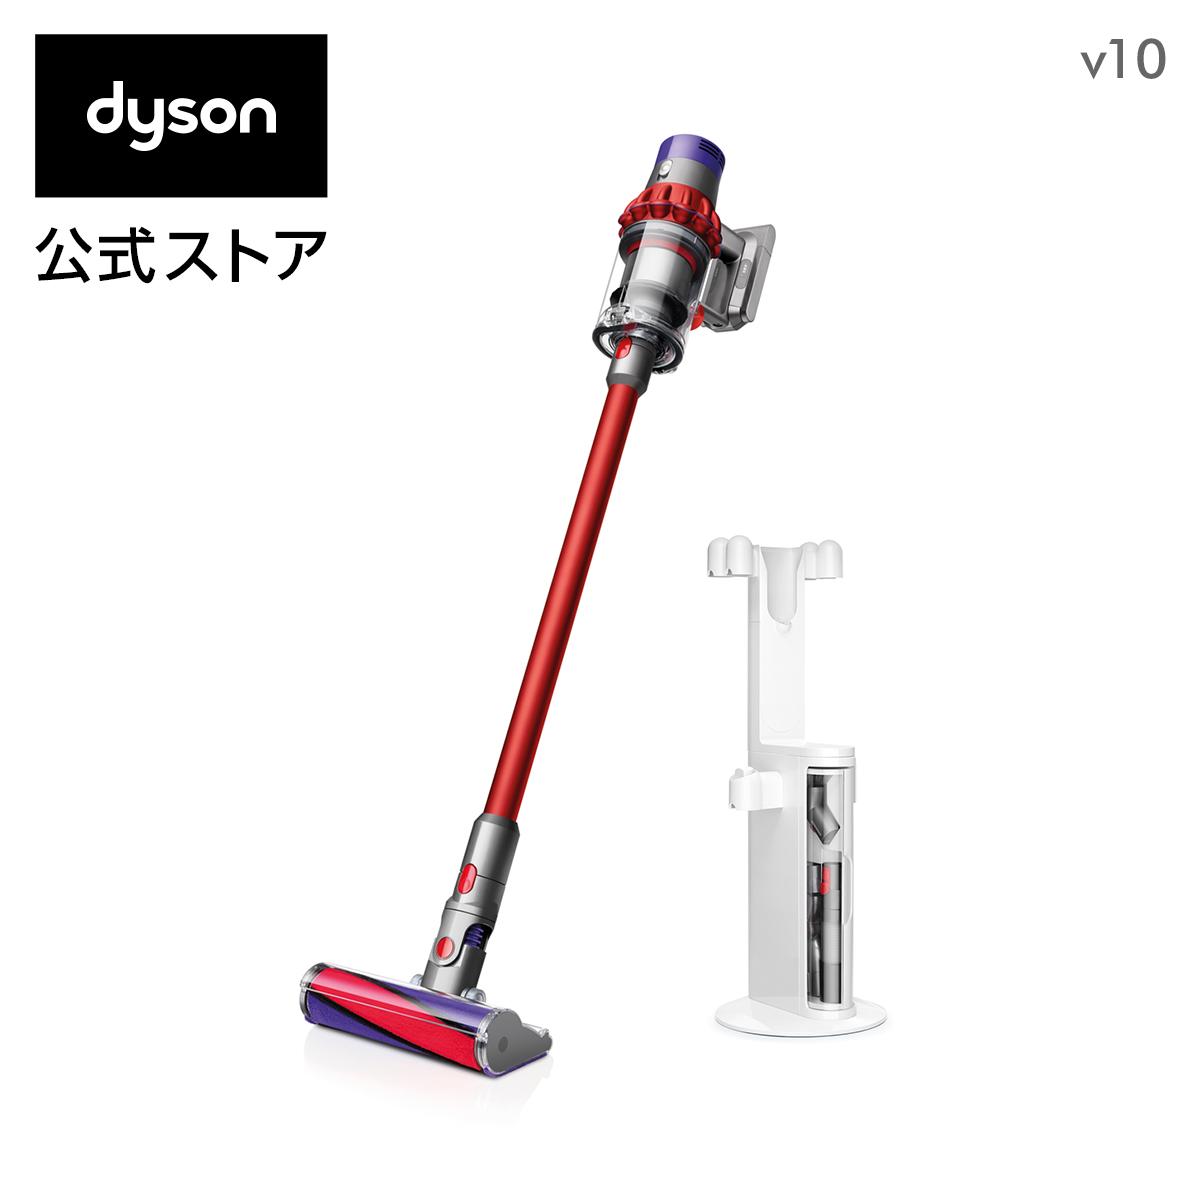 9日20時より【期間限定】【直販限定】ダイソン Dyson Cyclone 10 サイクロン式 コードレス掃除機 dyson SV12FF OLB 2018年モデル